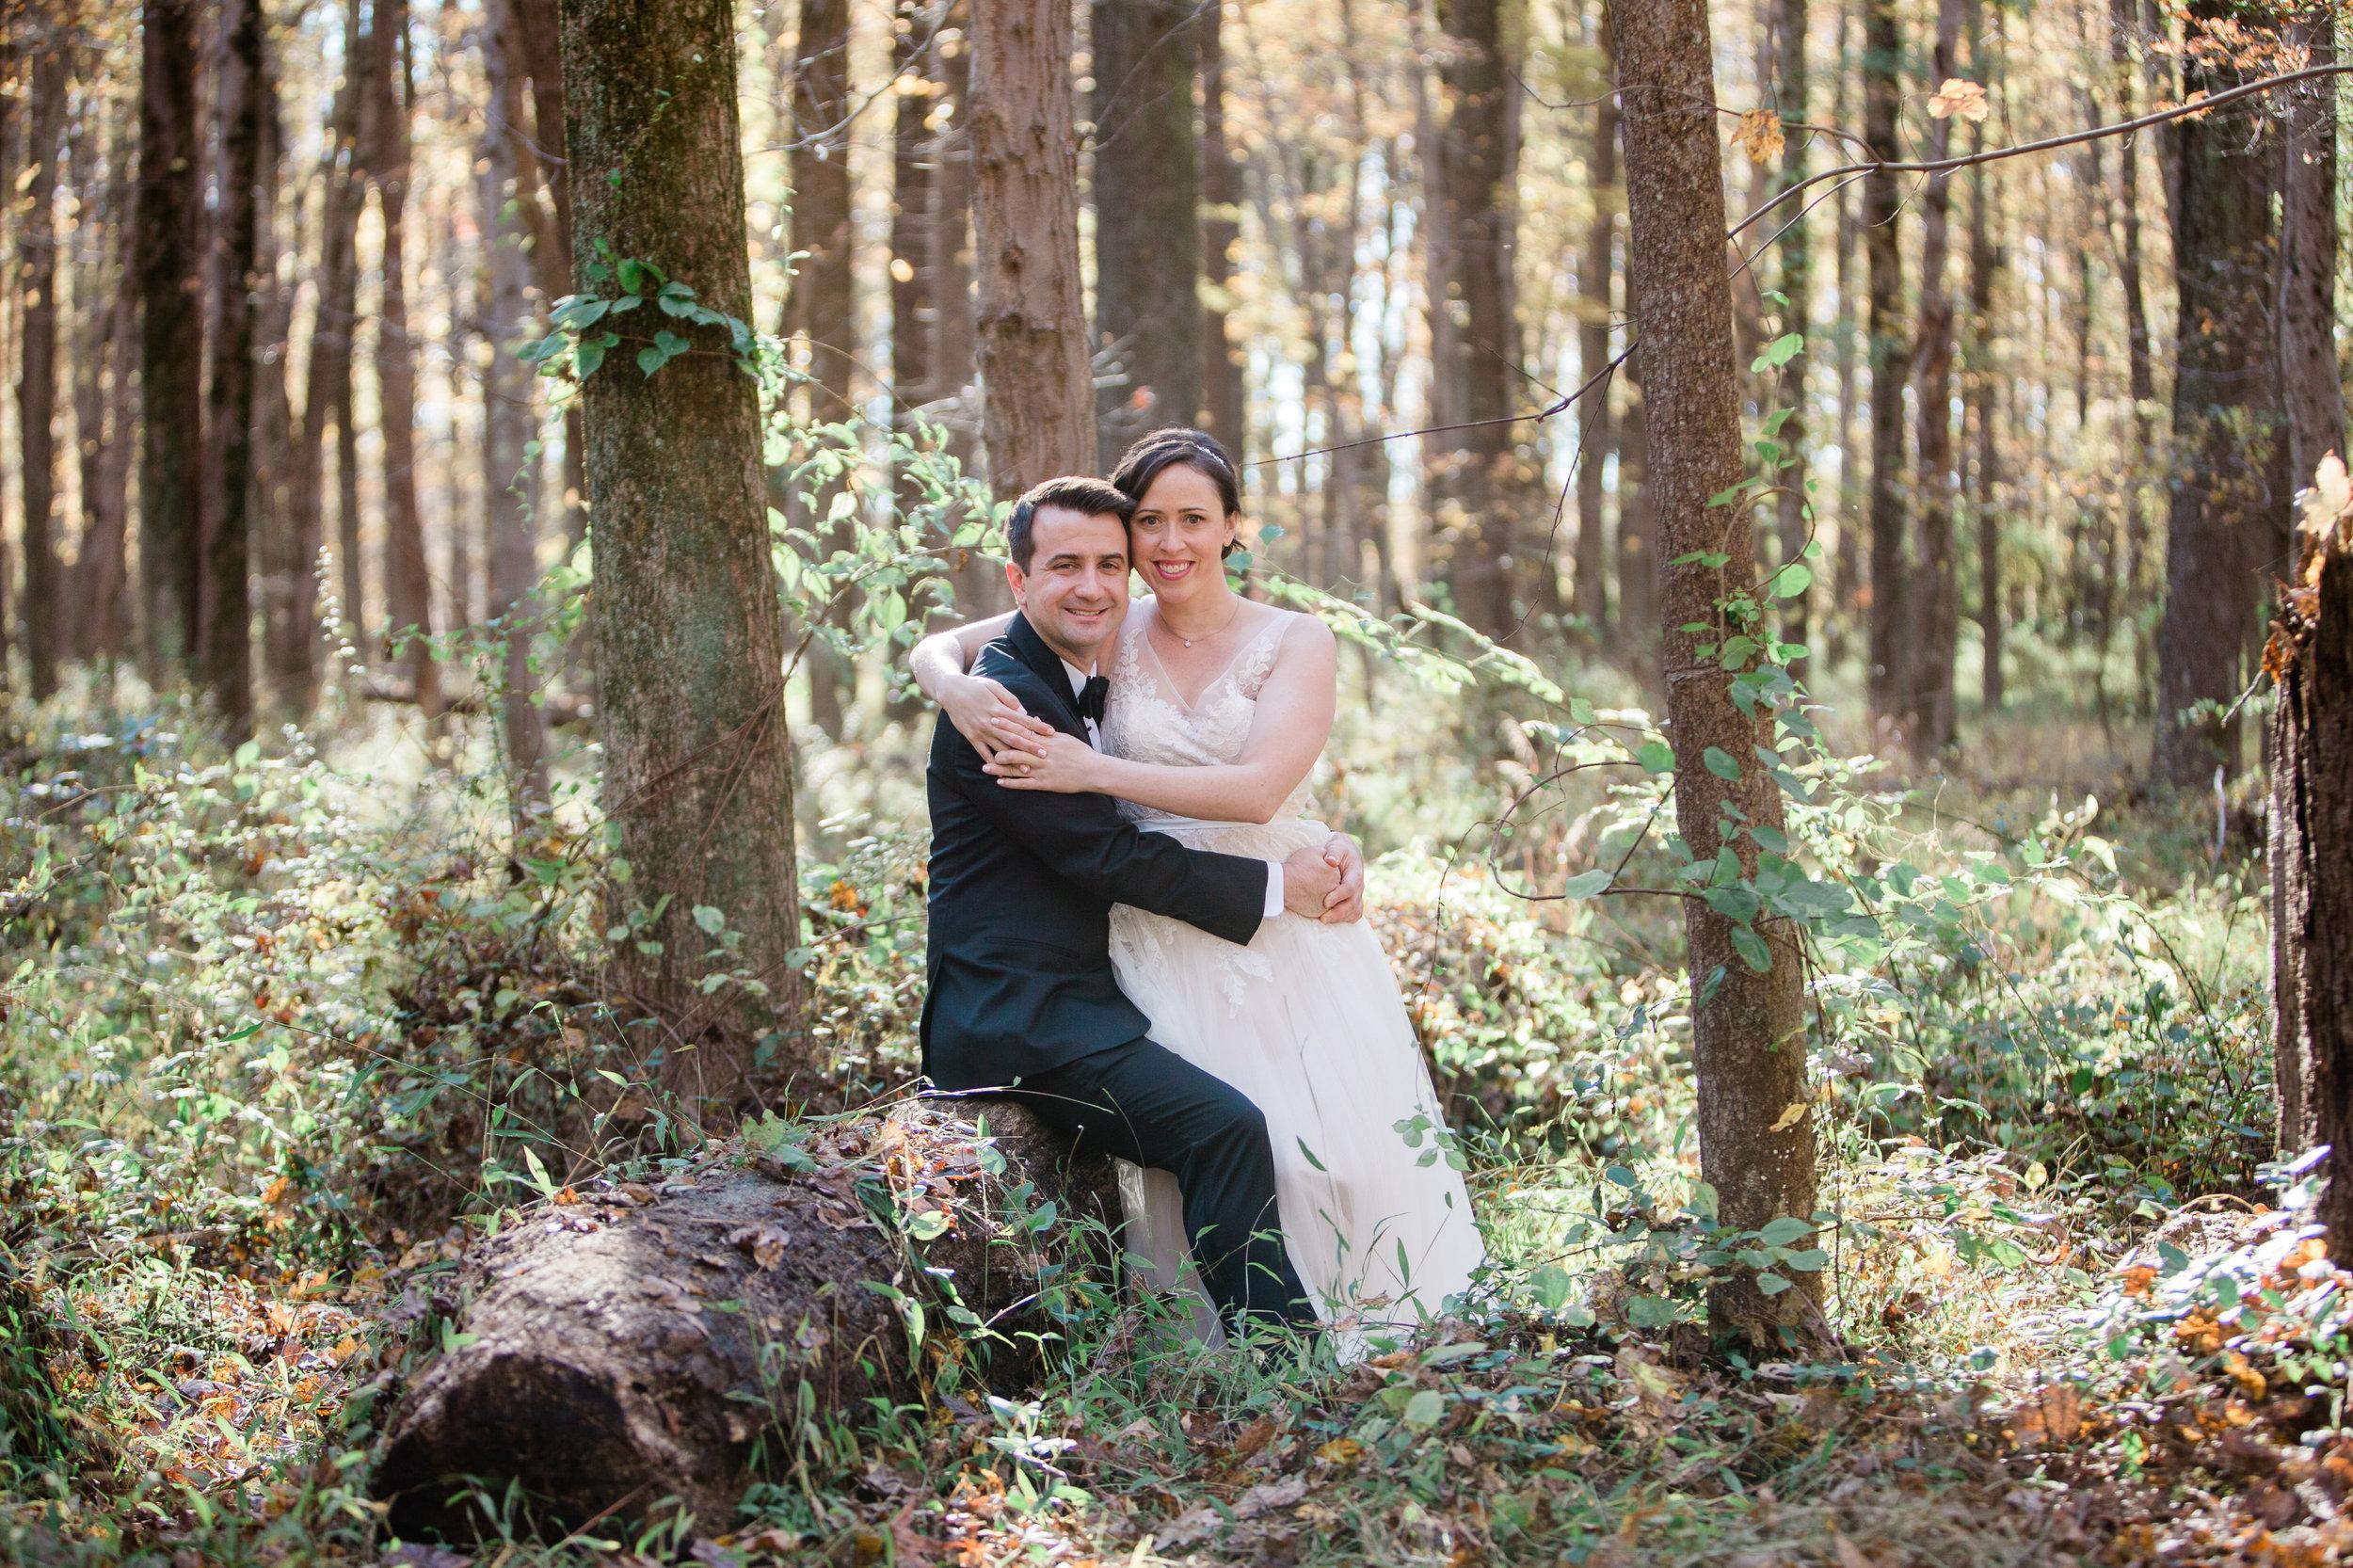 huntley_meadow_park_wedding